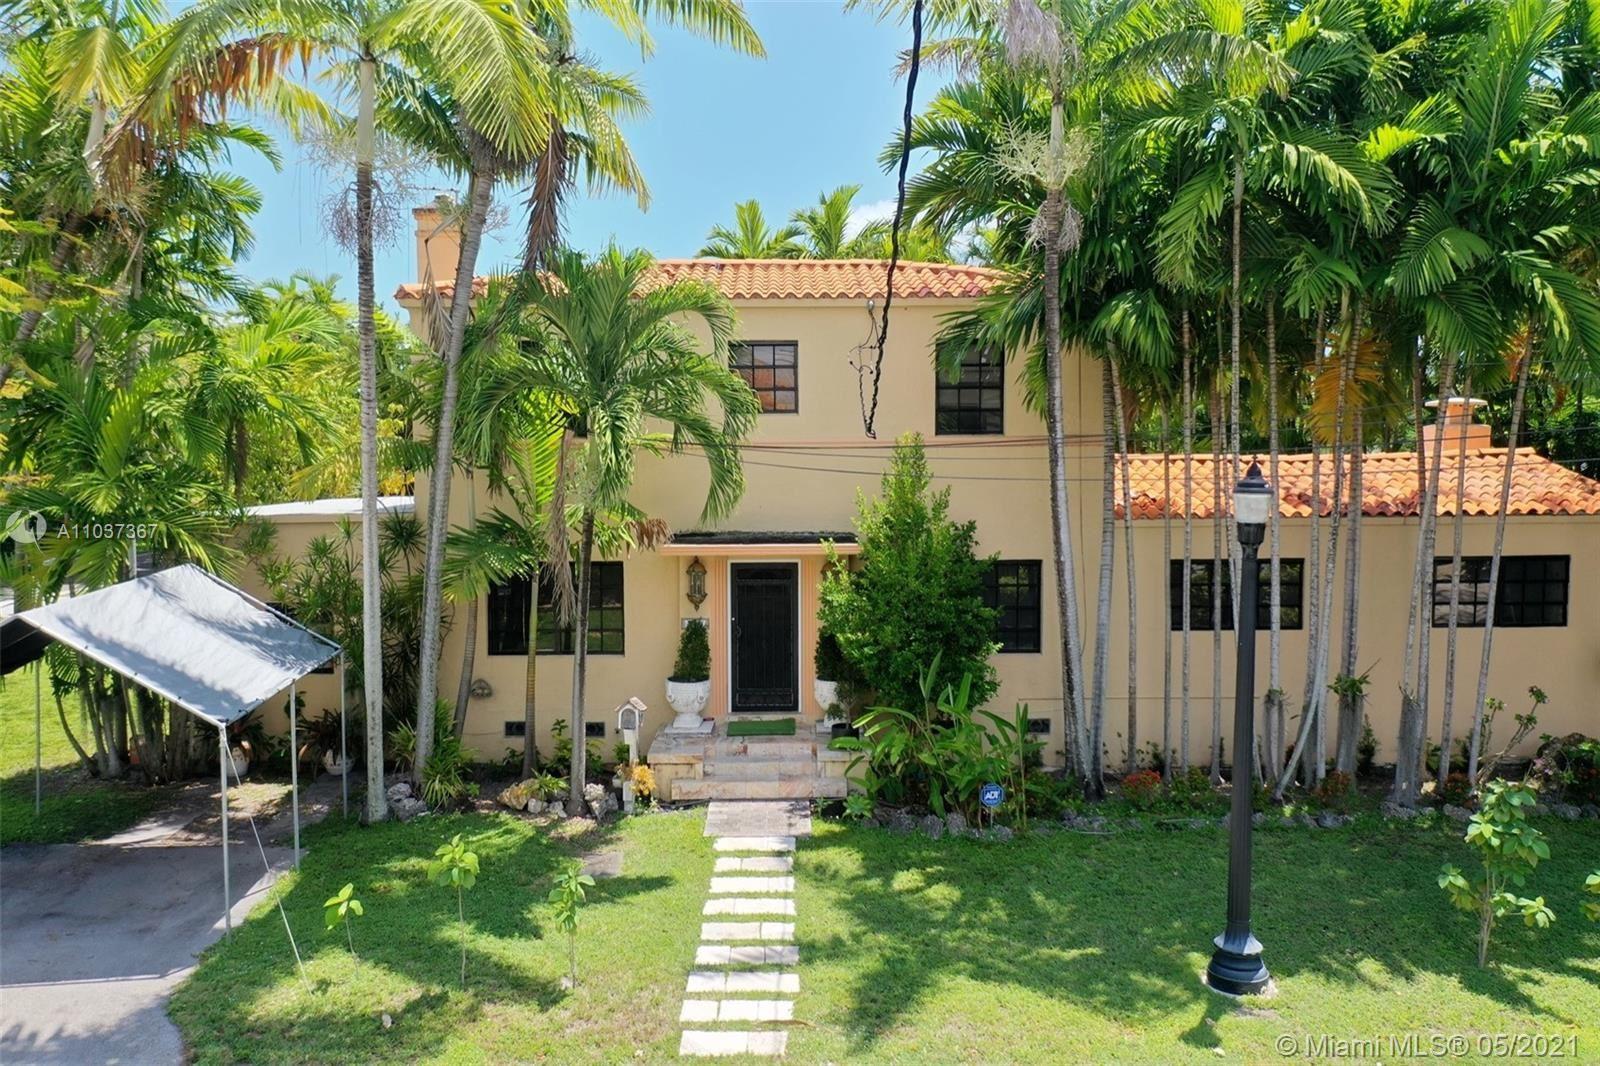 315 W San Marino Dr, Miami Beach, FL 33139 - #: A11037367